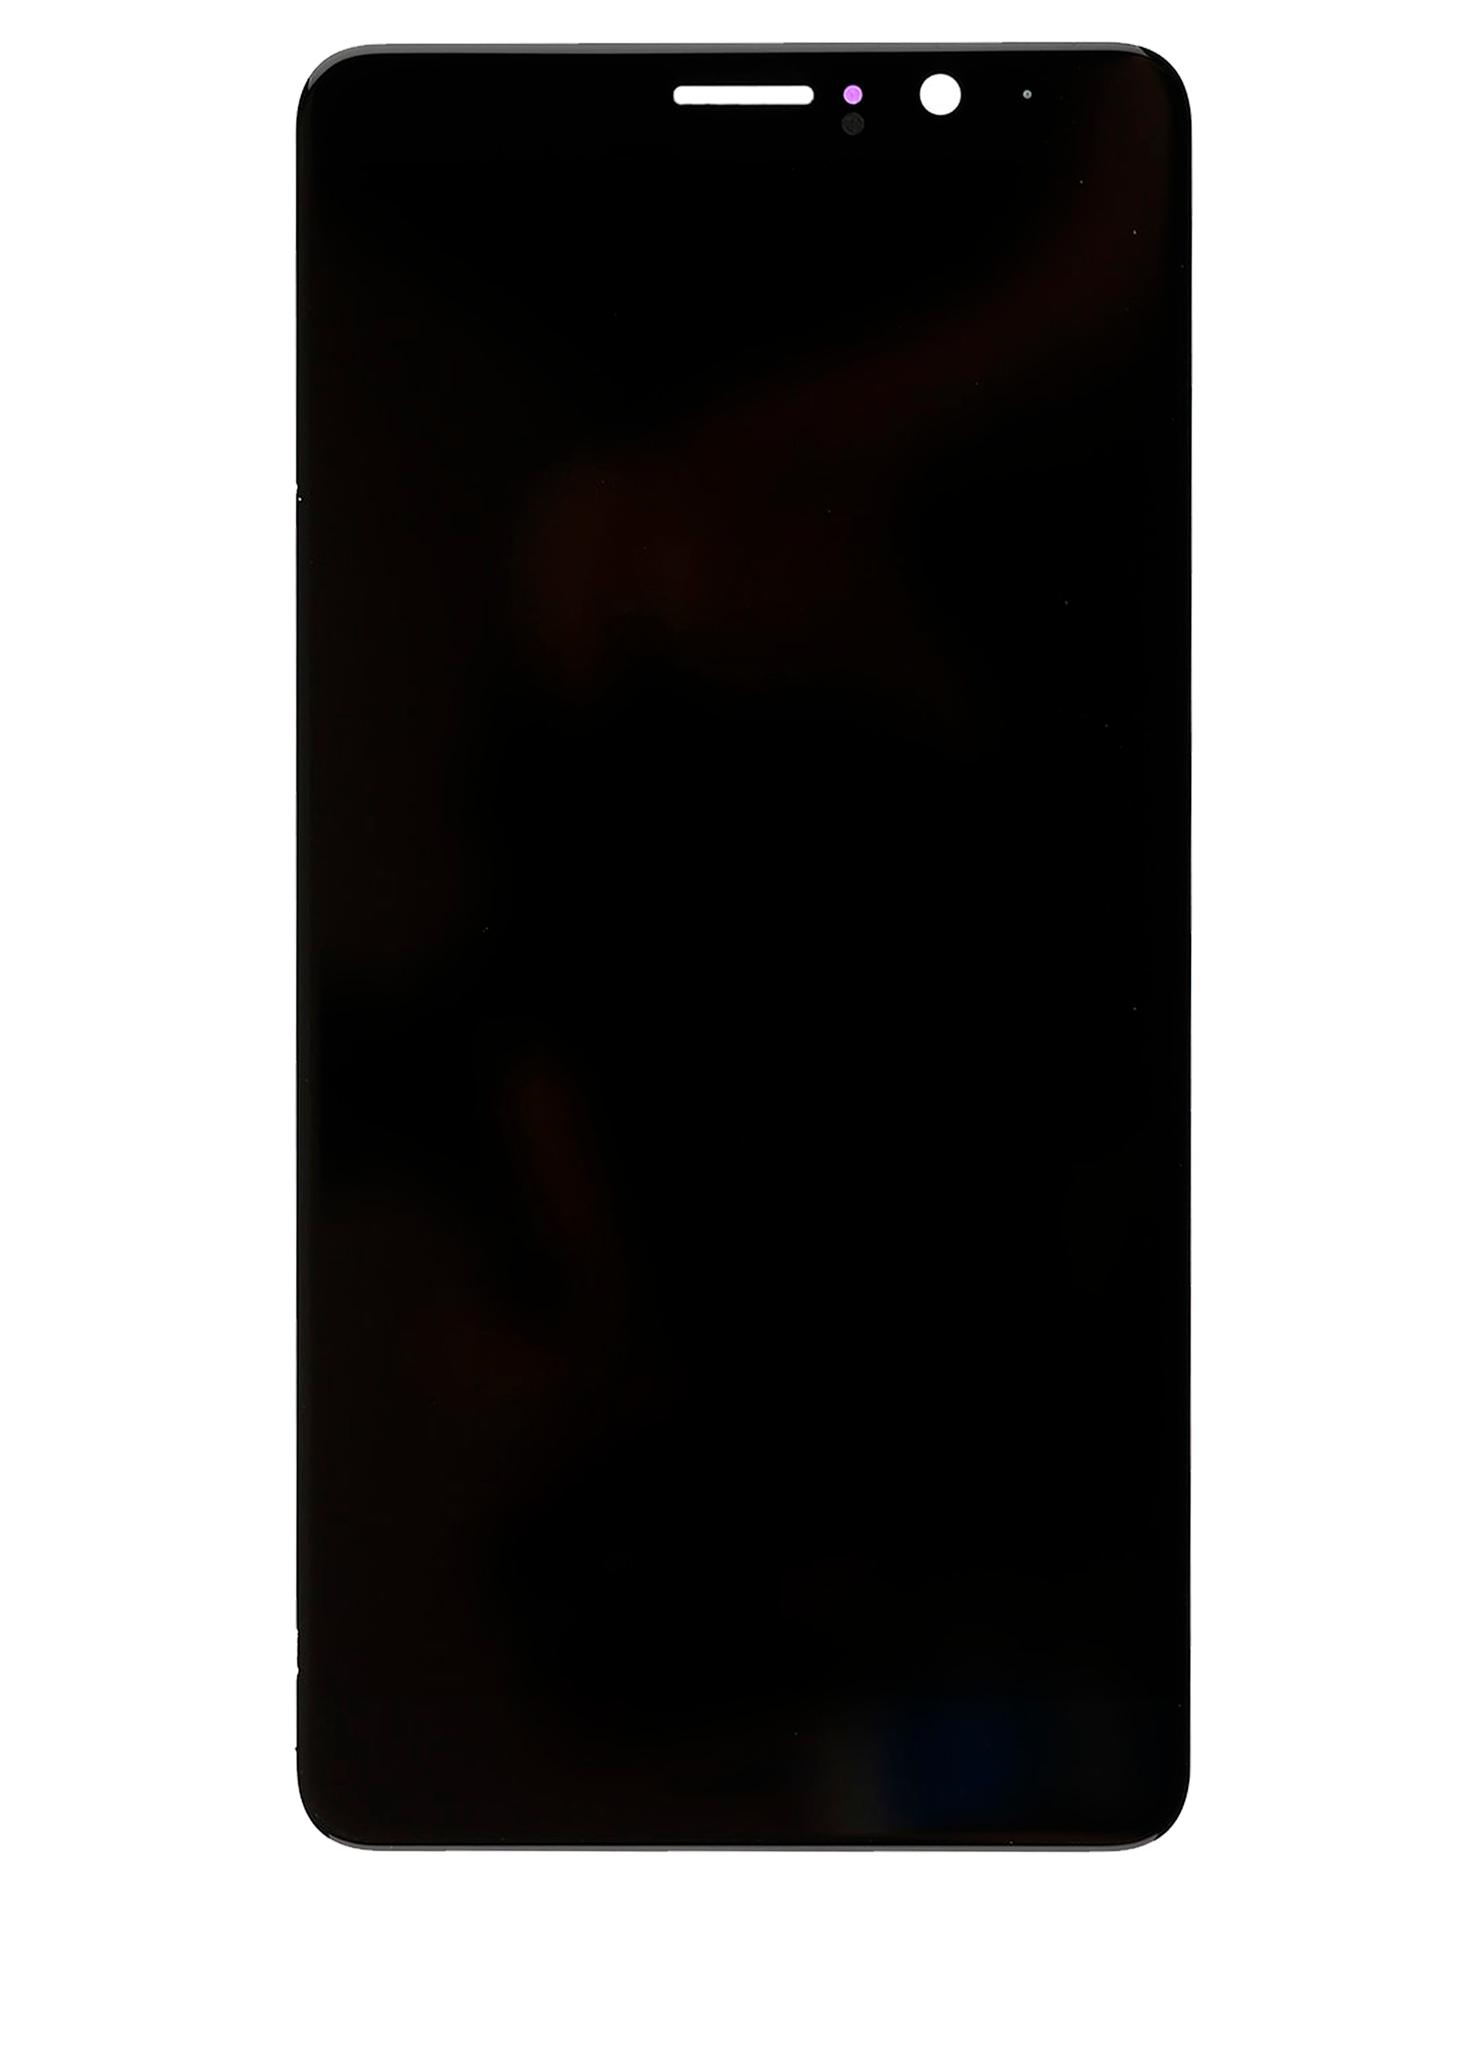 Huawei Mate 9 MHA-L09 Display Module + Frame Black Original